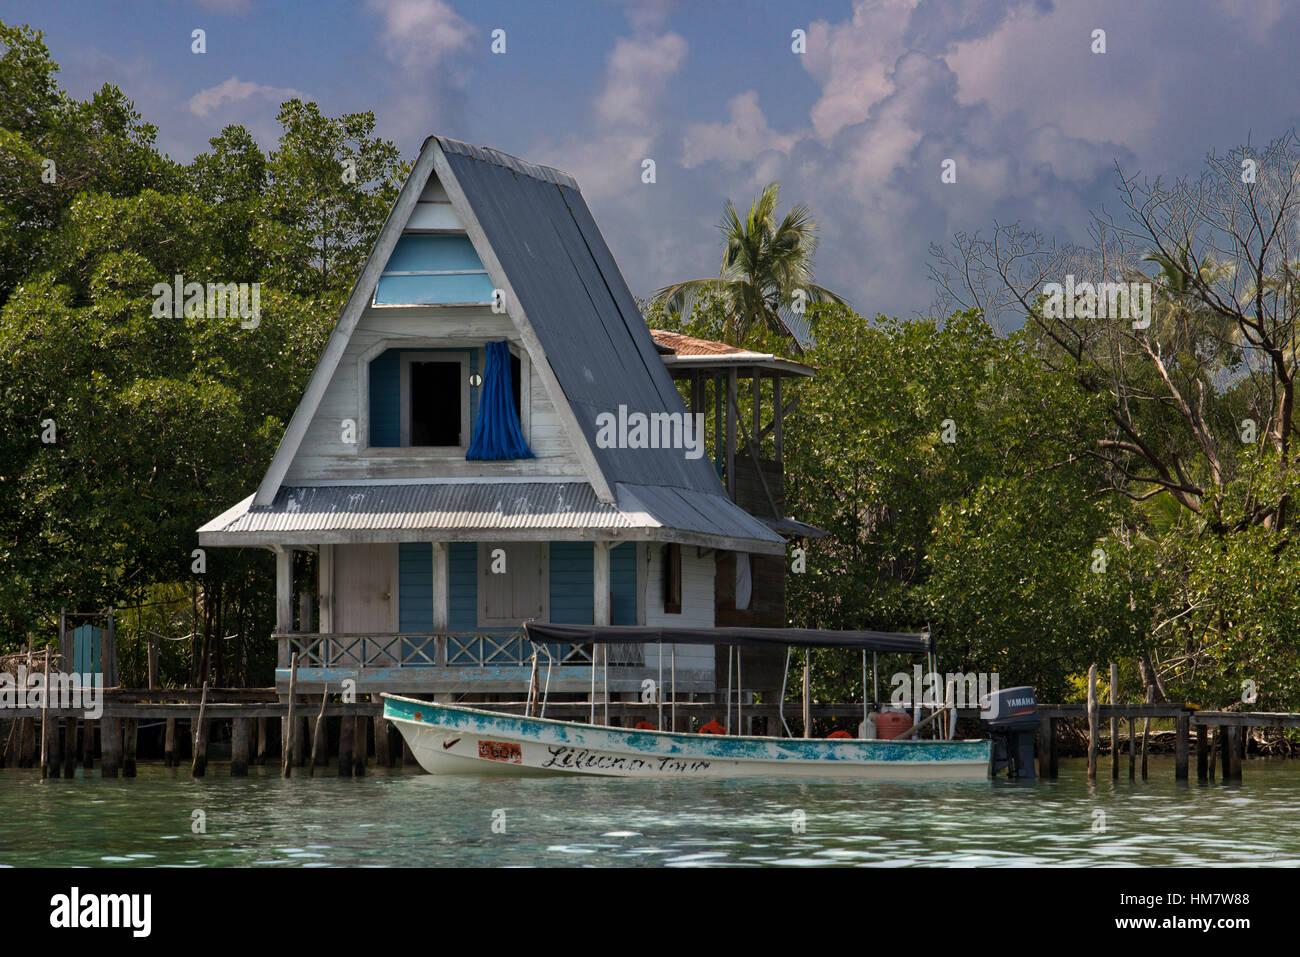 Außergewöhnlich Haus Auf Stelzen Referenz Von über Dem Wasser Mit Sonnenkollektoren Und Dichten